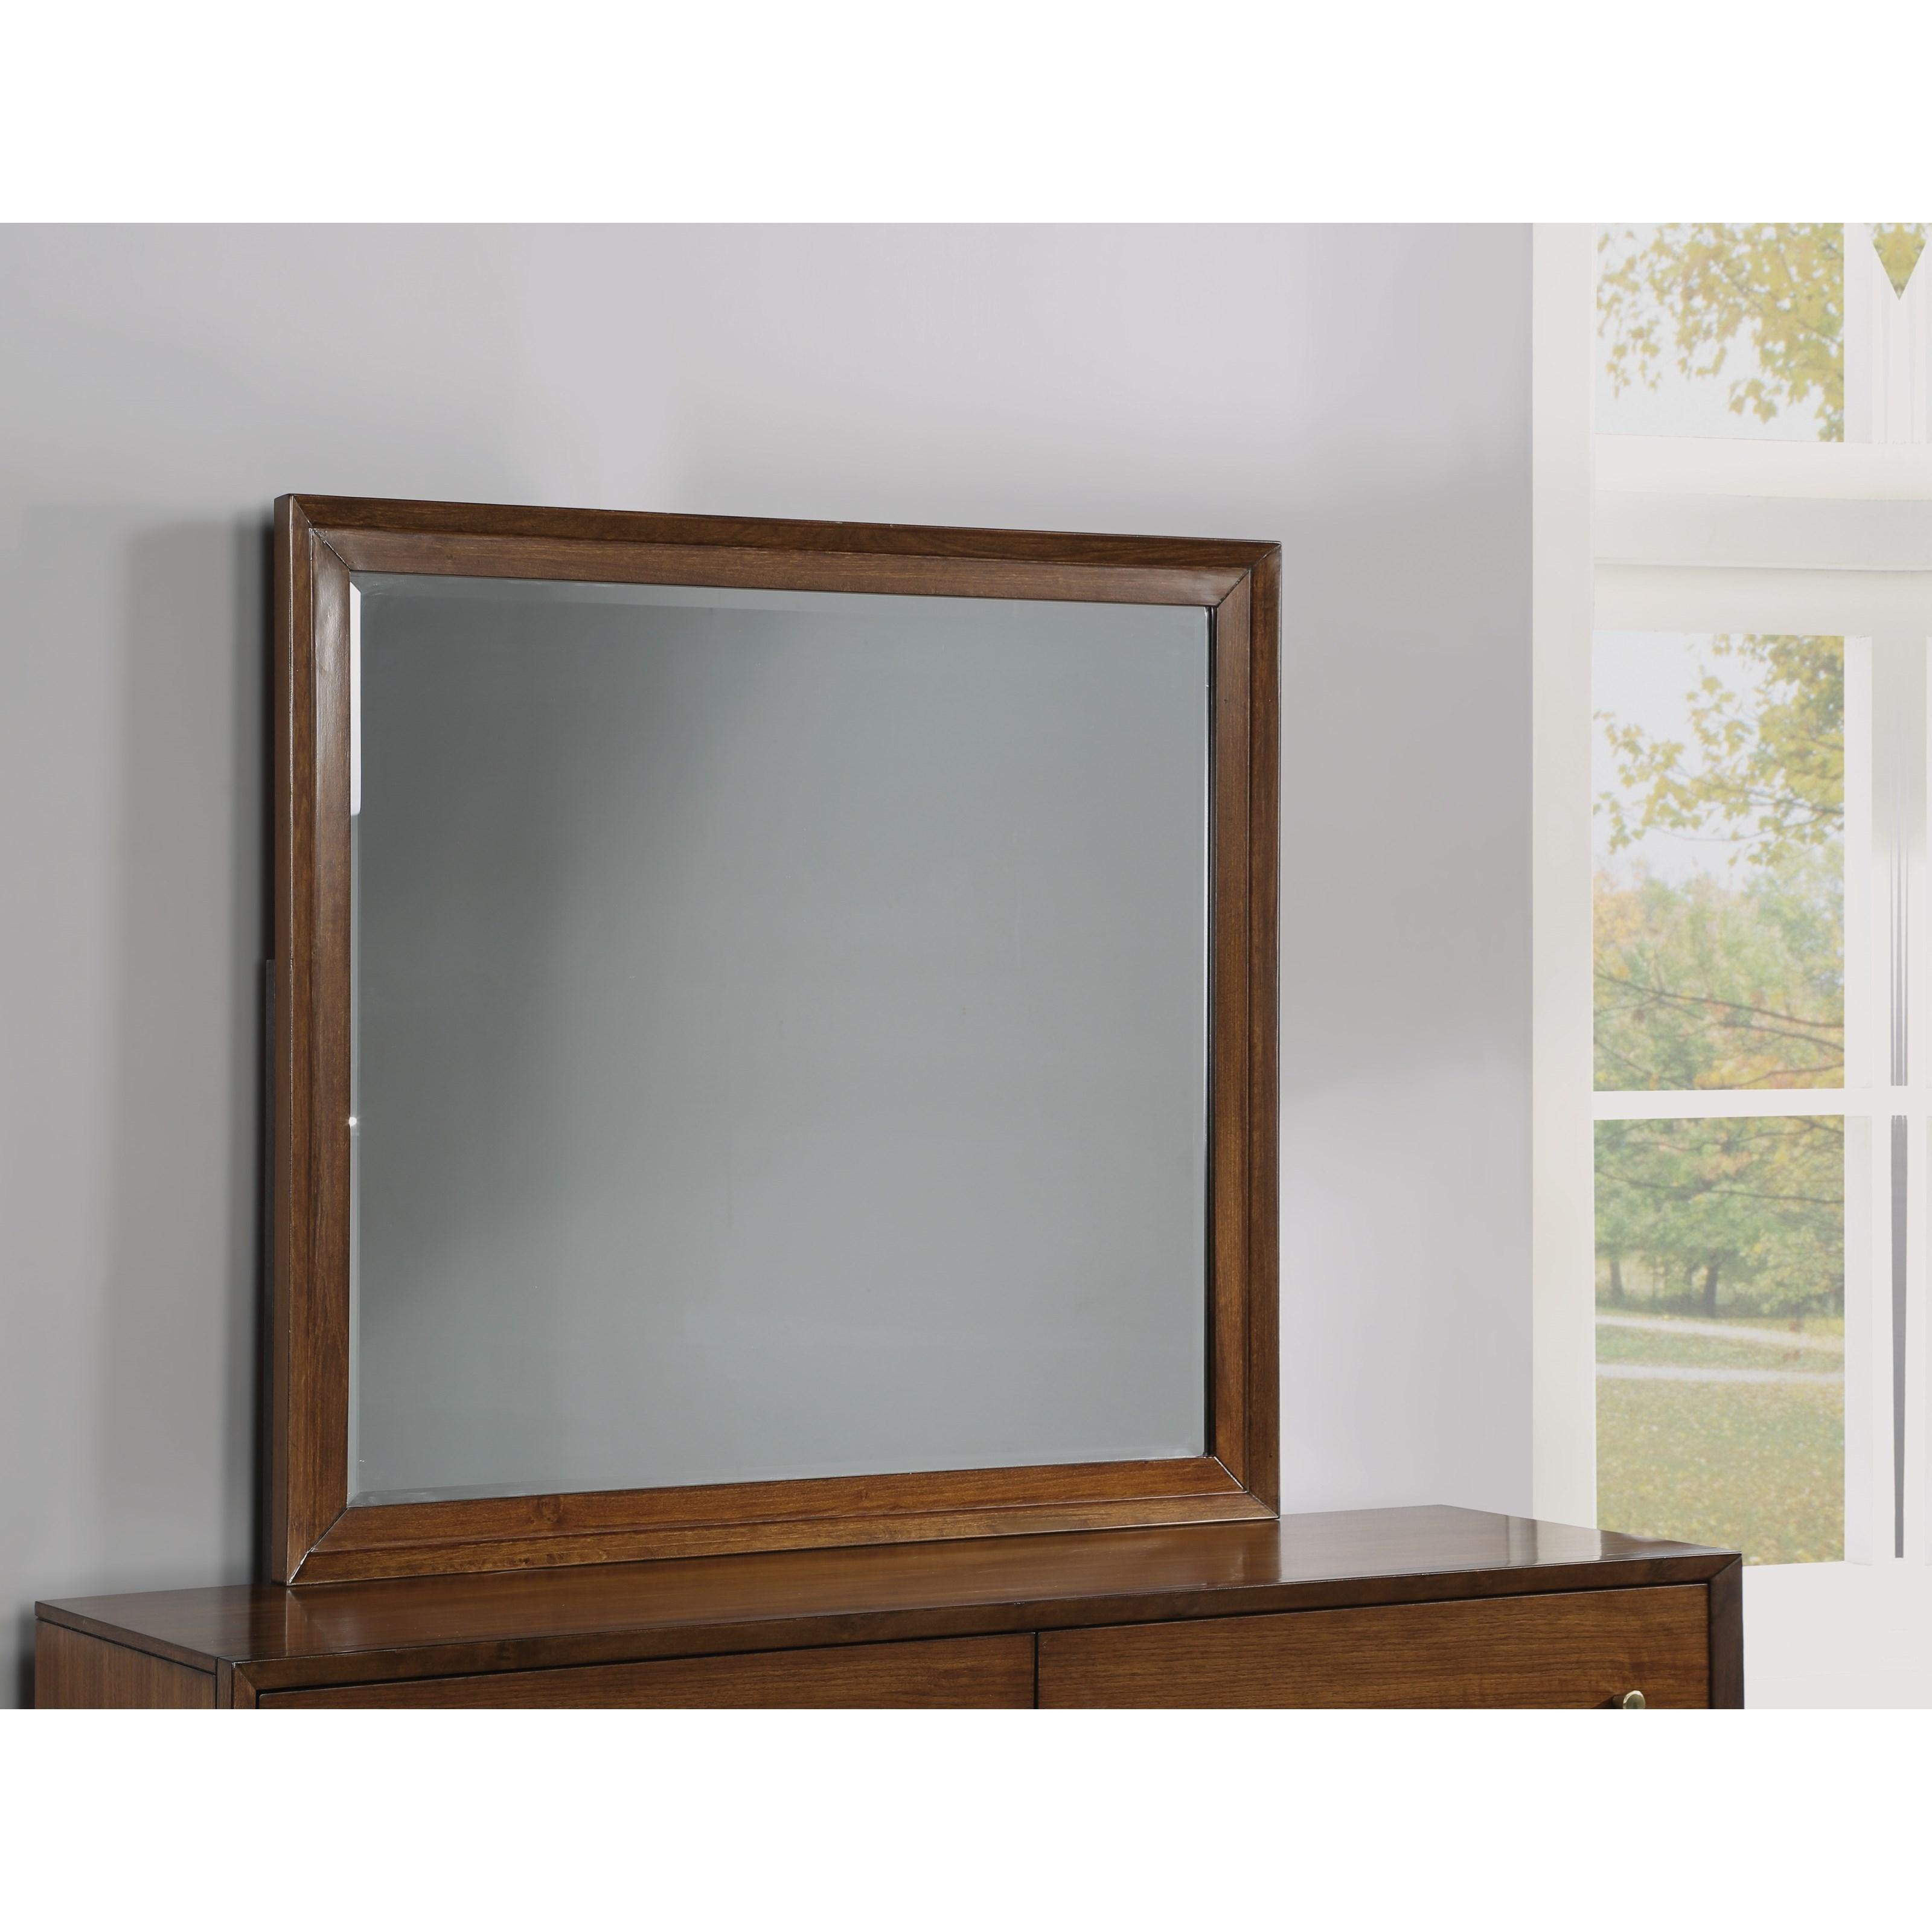 Schmidt Dresser Mirror by Flexsteel at Crowley Furniture & Mattress